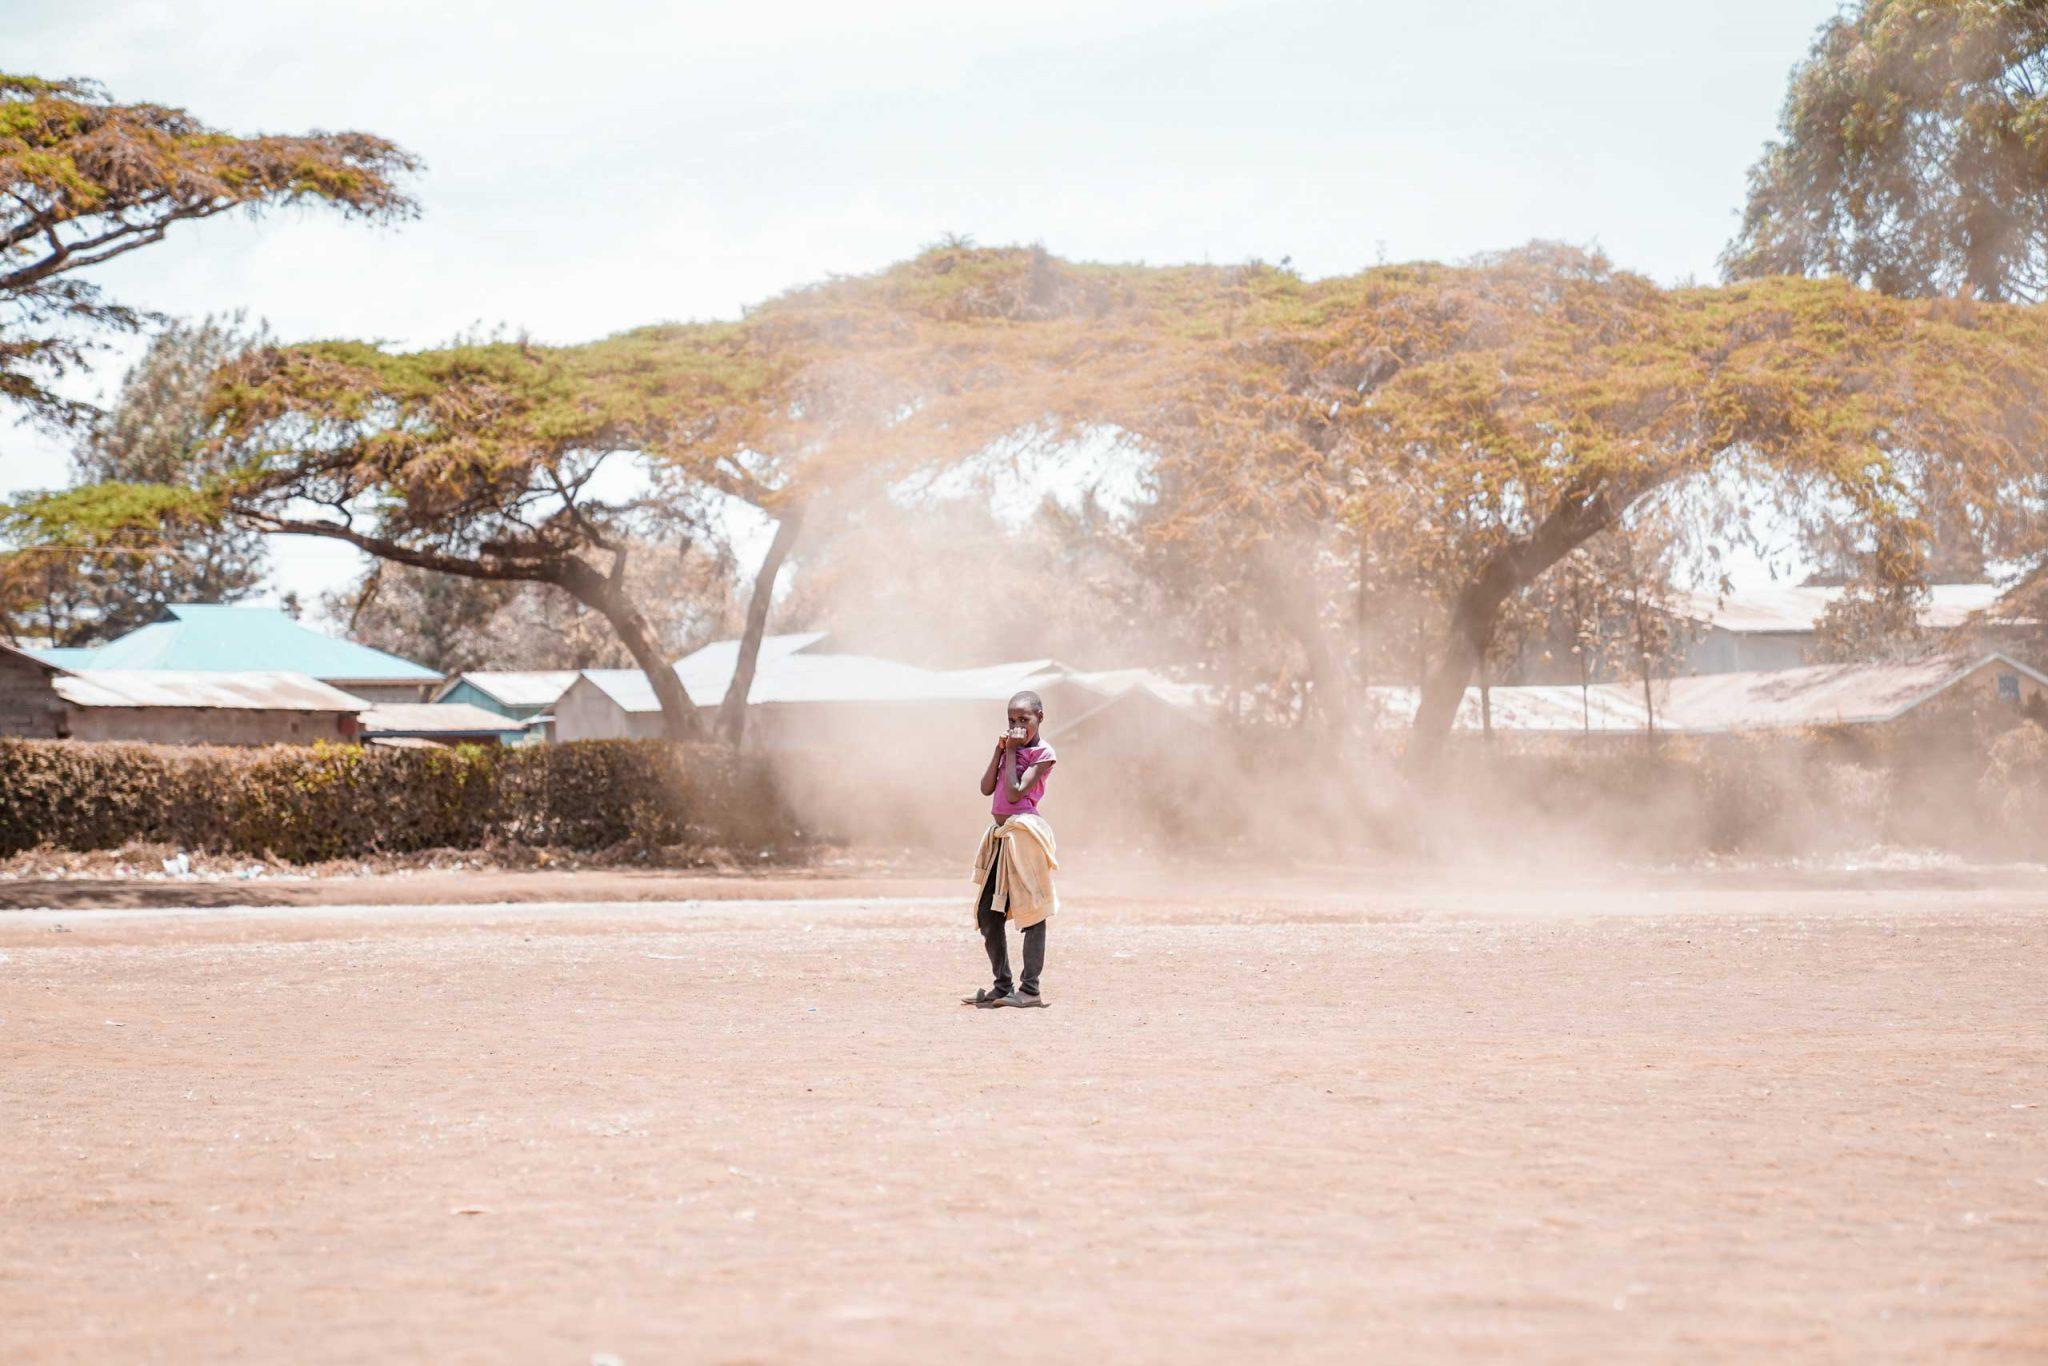 Ilsoo_van_Dijk_Ilsoovandijk_Kenya_The_Raindance_Project_2019_23